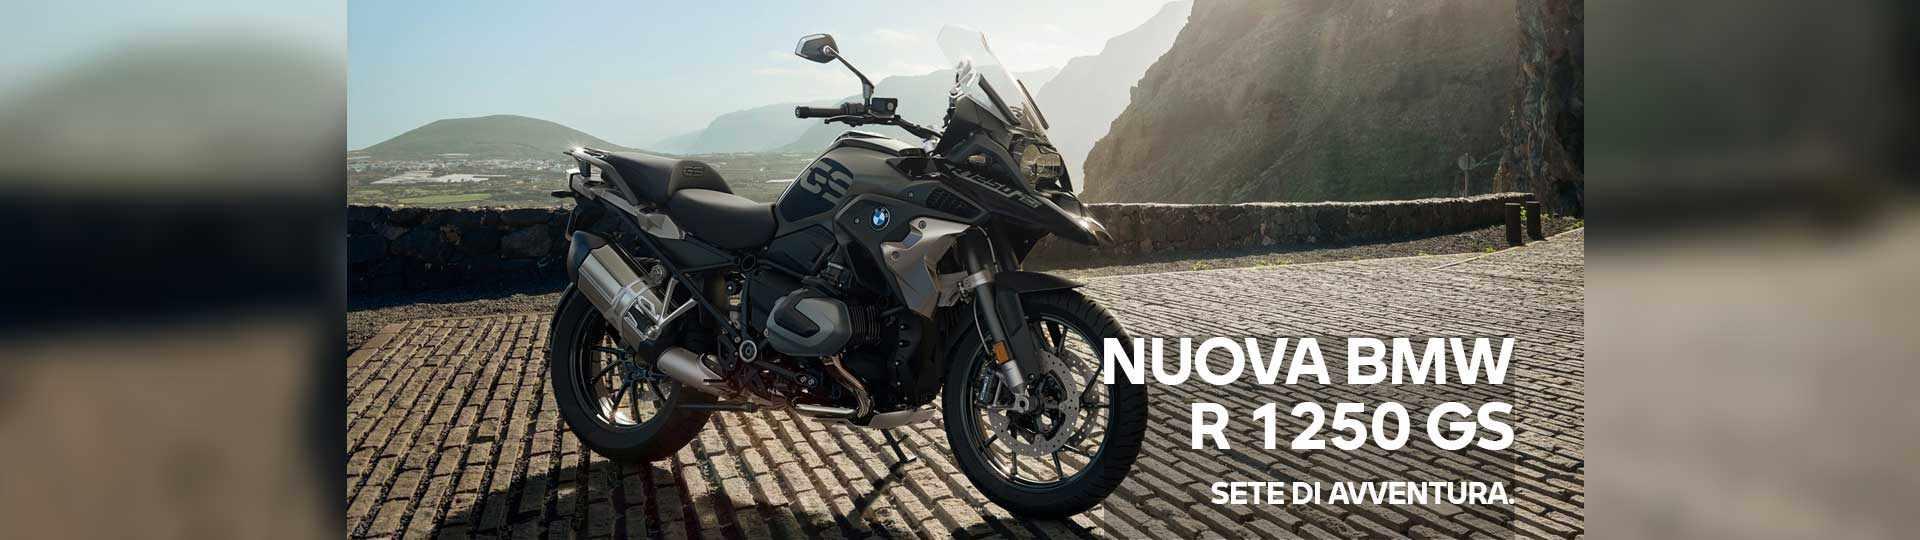 BMW-Motorrad-1250-GS_sito-min.jpg